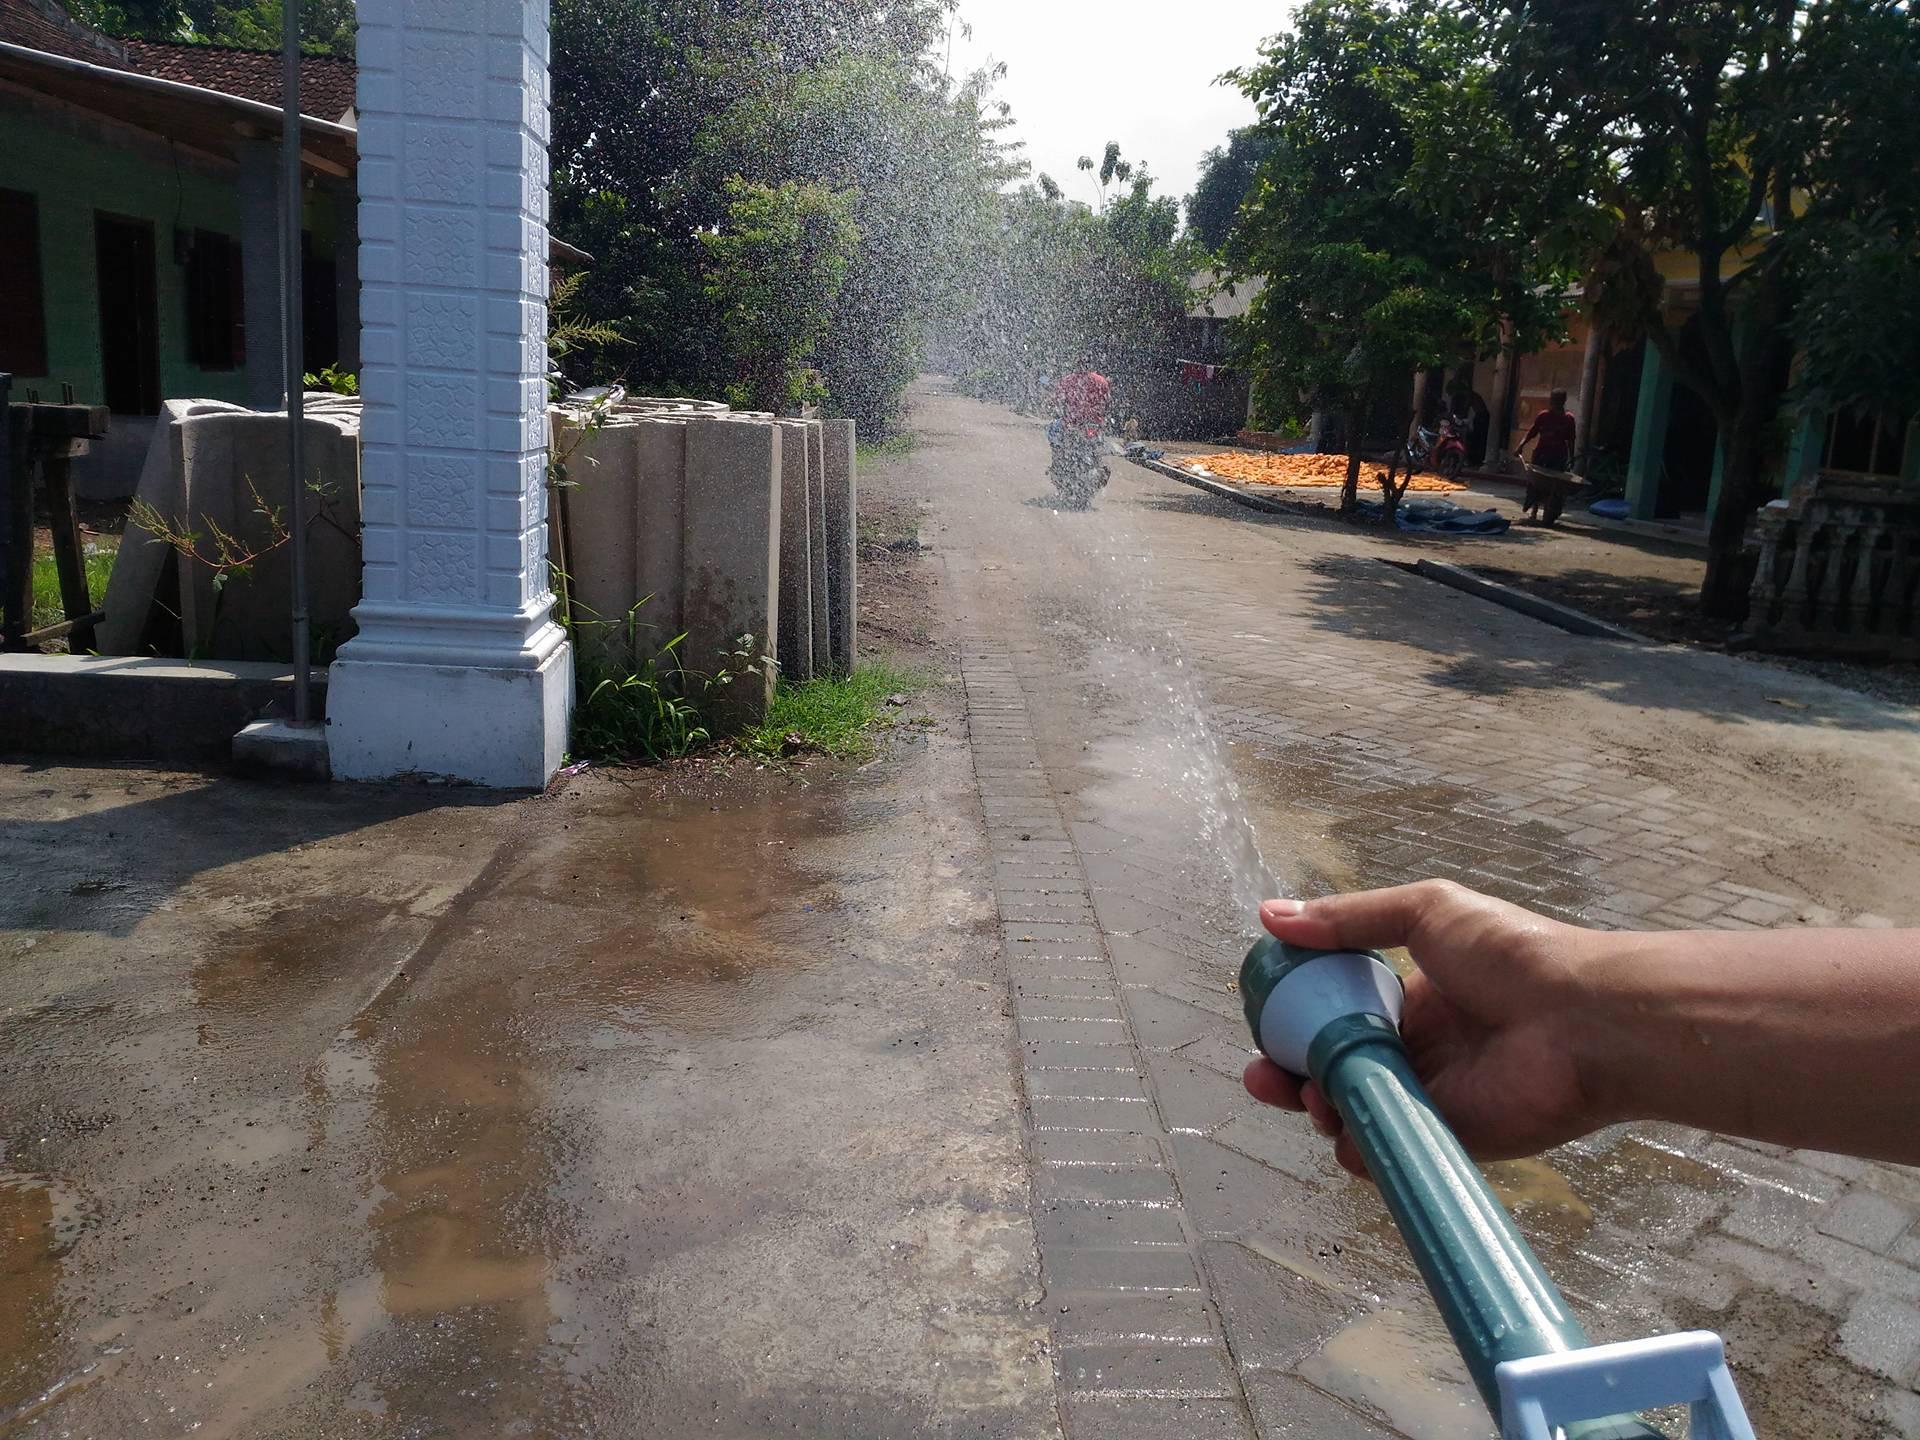 74 Gambar Air Untuk Menyiram Tanaman HD